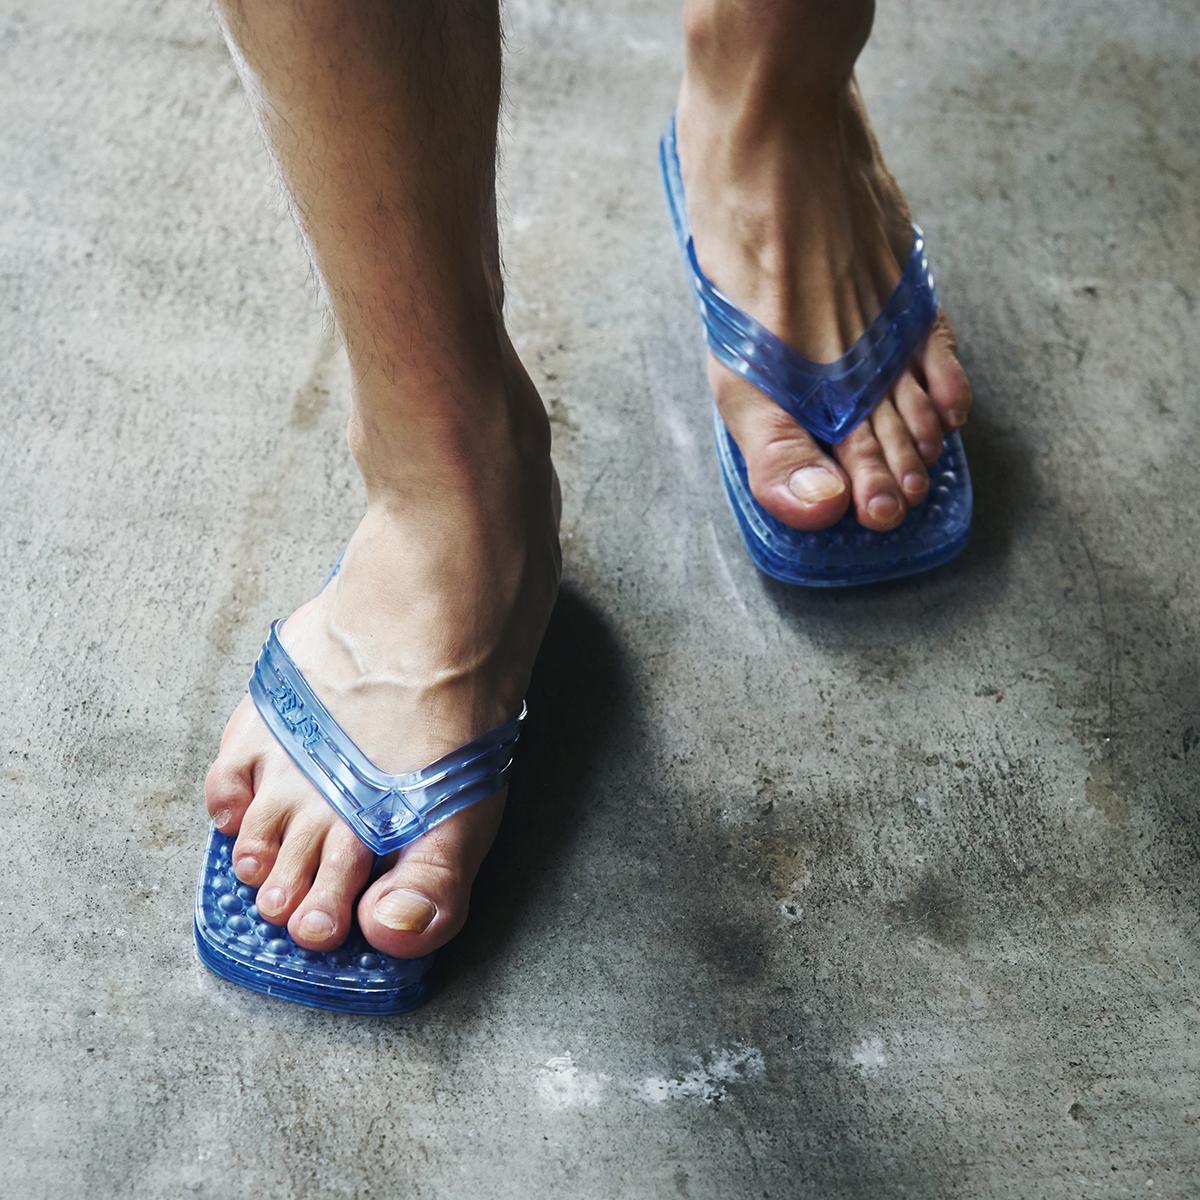 買い物、洗濯、掃除をしながら運動できる。半球状の突起が、心地よく足裏マッサージしてくれるイタリア生まれでお洒落な「健康サンダル」|SENSI